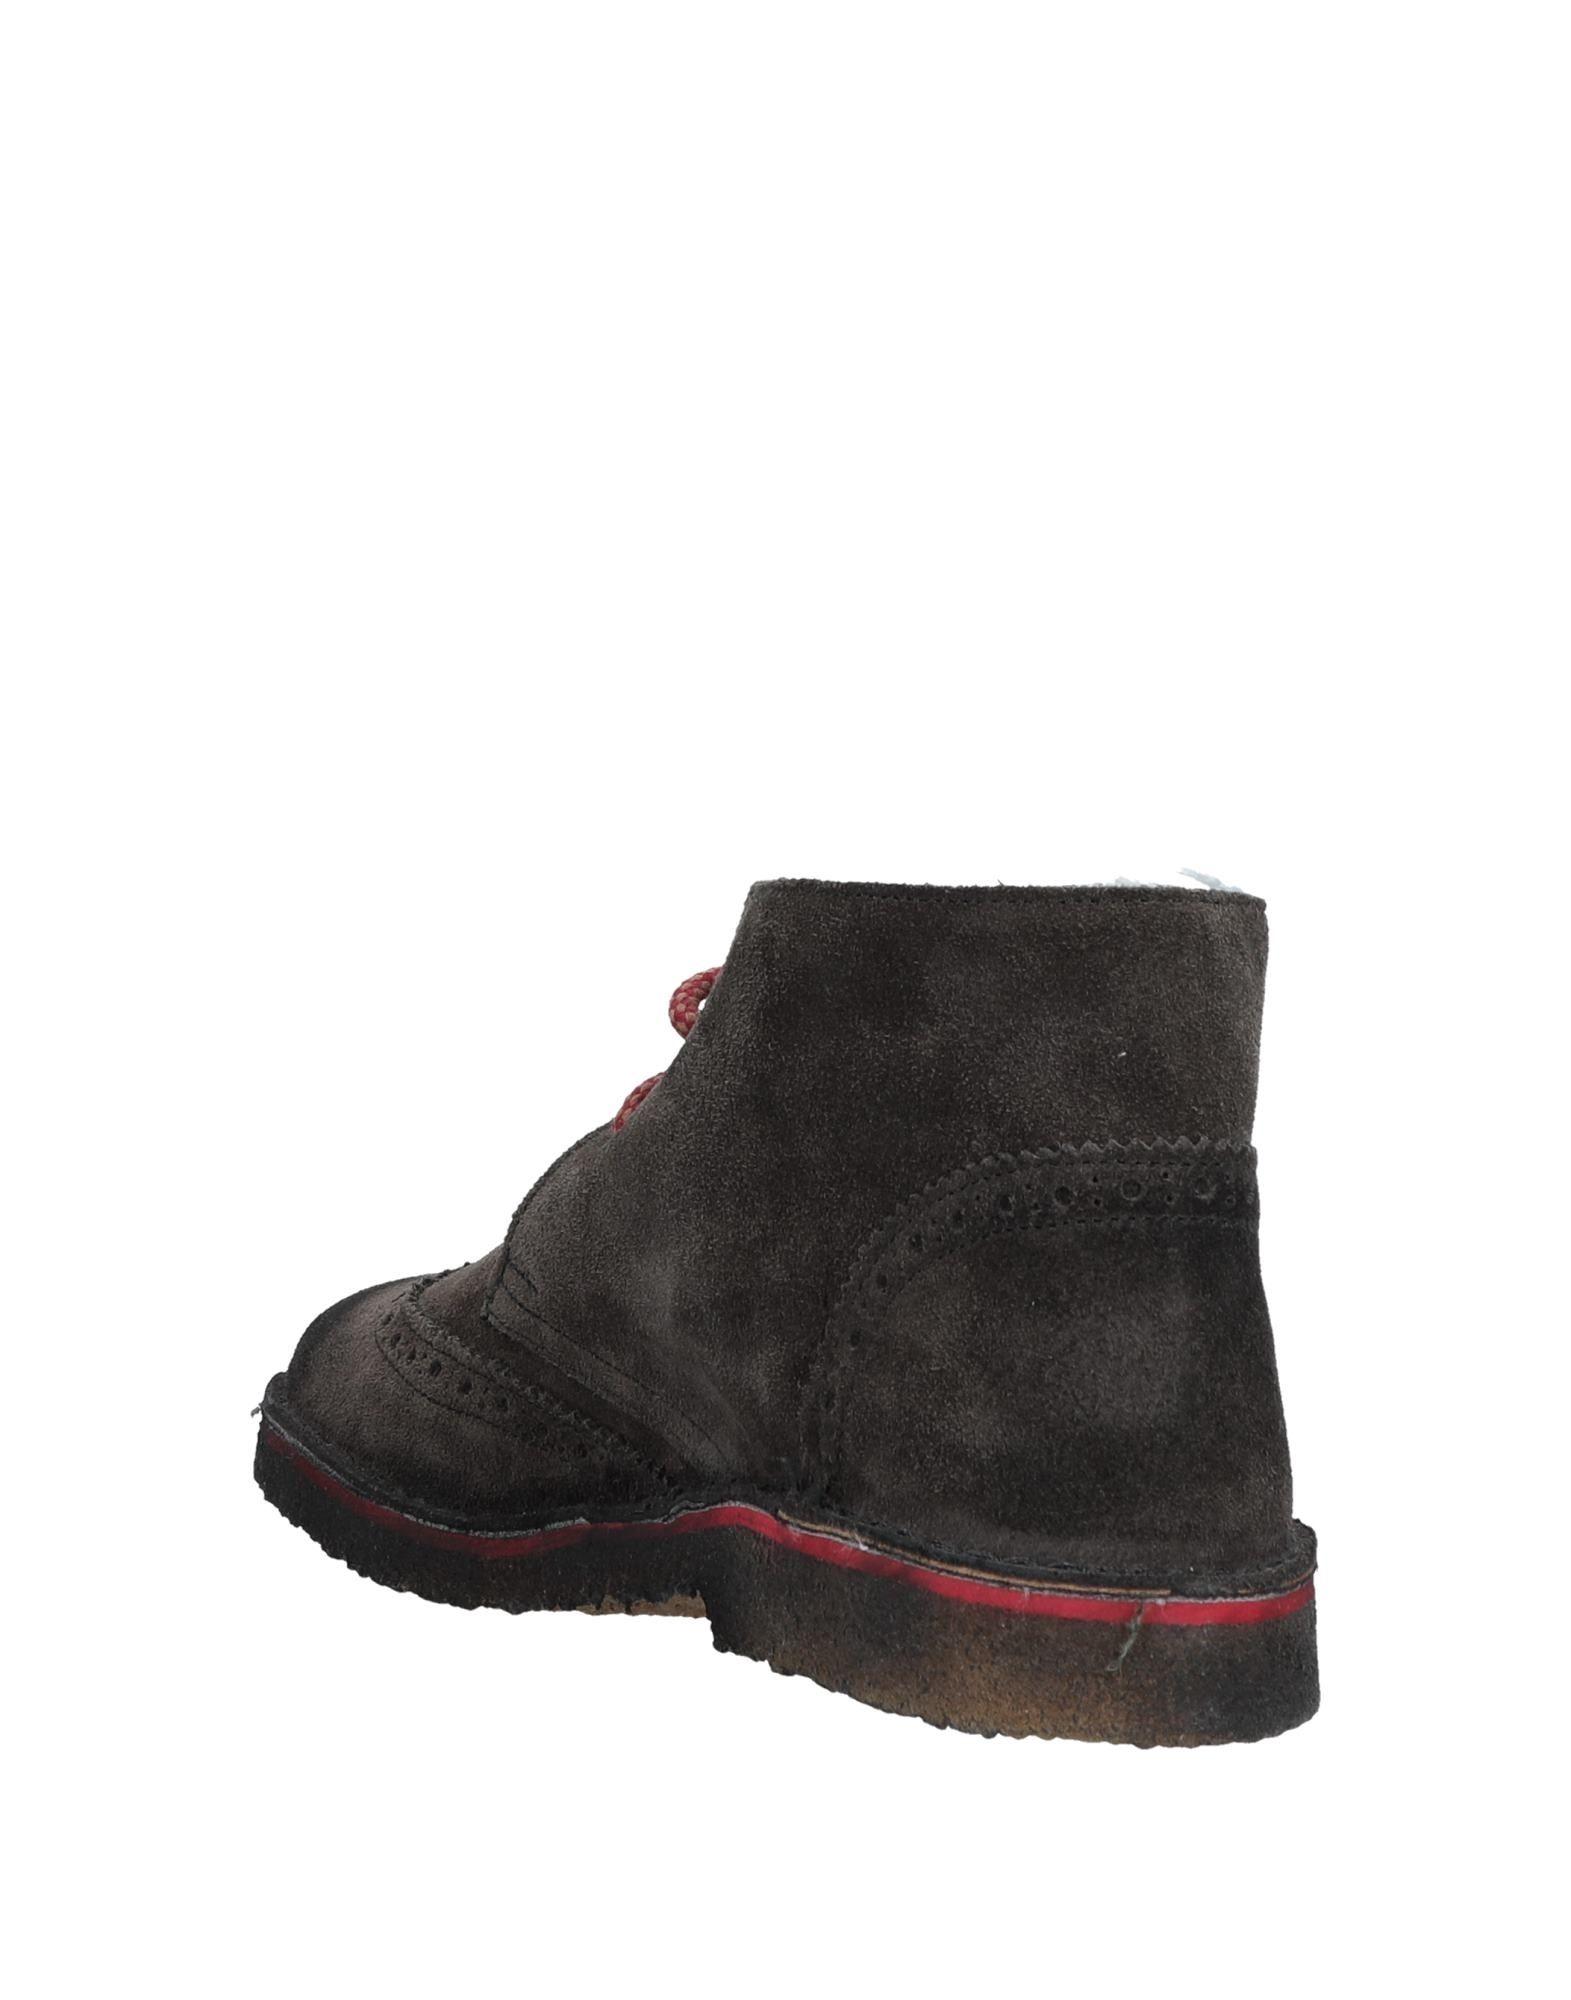 Rabatt echte Schuhe 11530719KP Weg Stiefelette Herren  11530719KP Schuhe a2b681